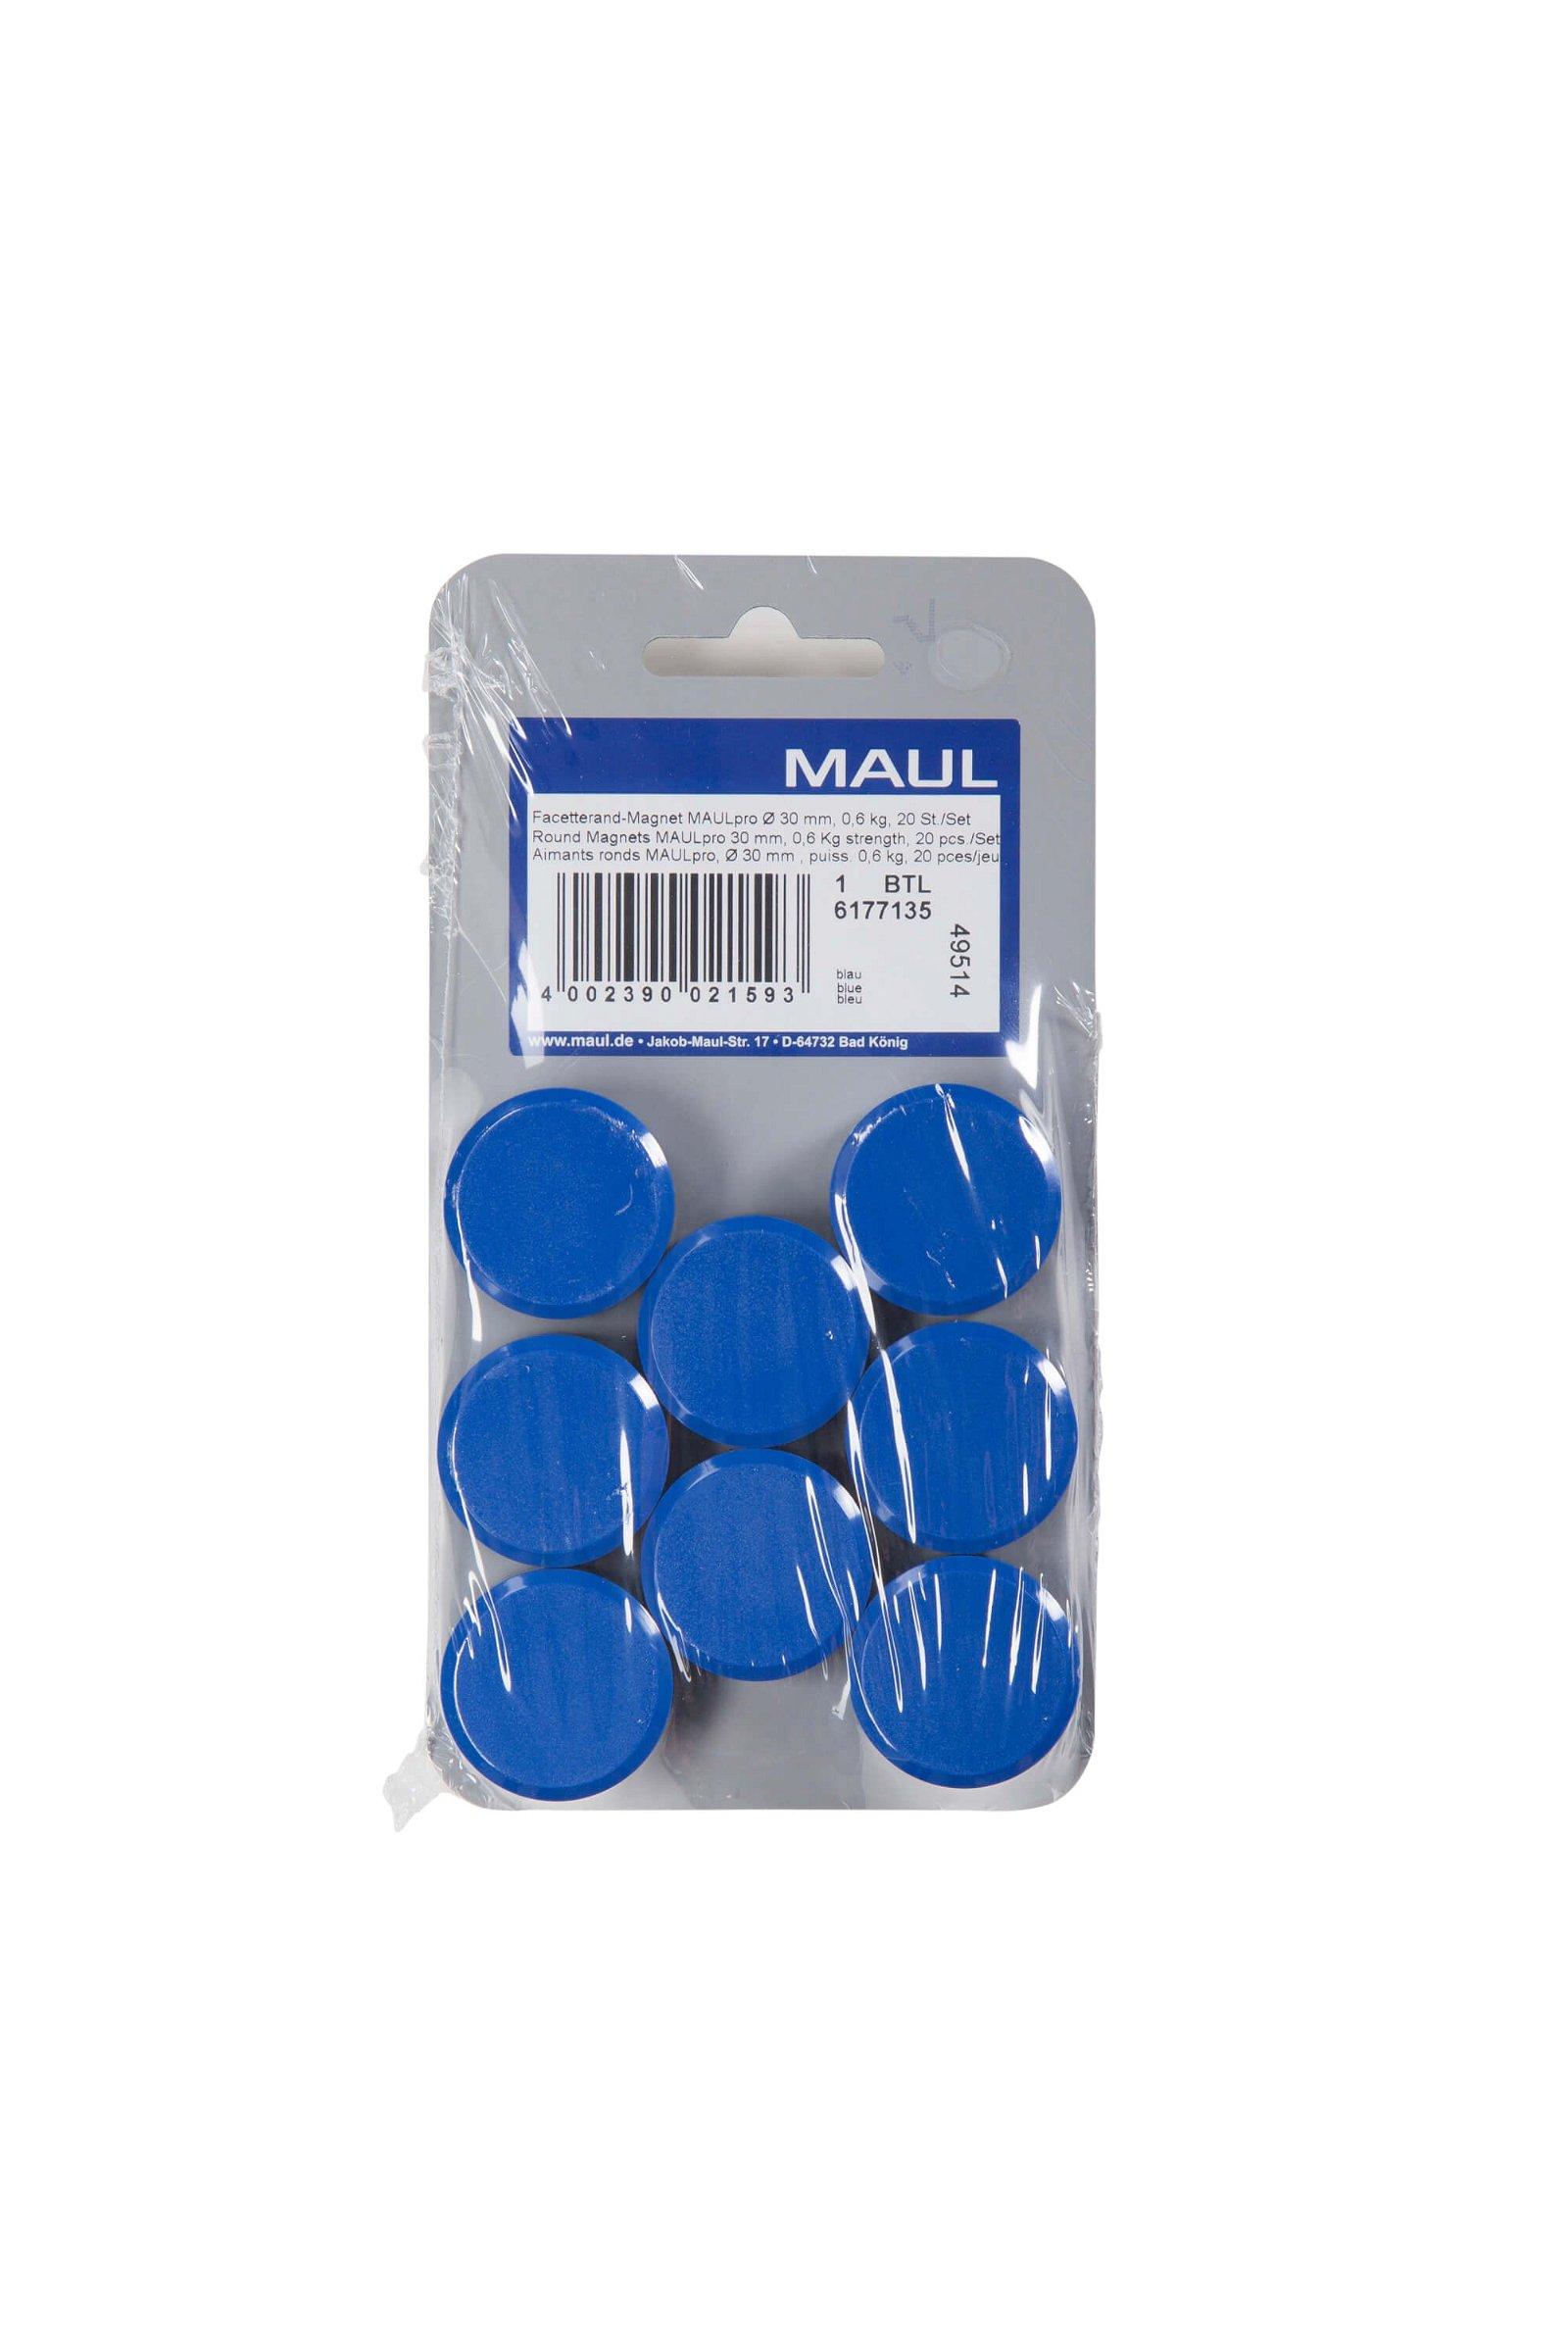 Facetterand-Magnet MAULpro Ø 30 mm, 0,6 kg, 20 St./Set, blau